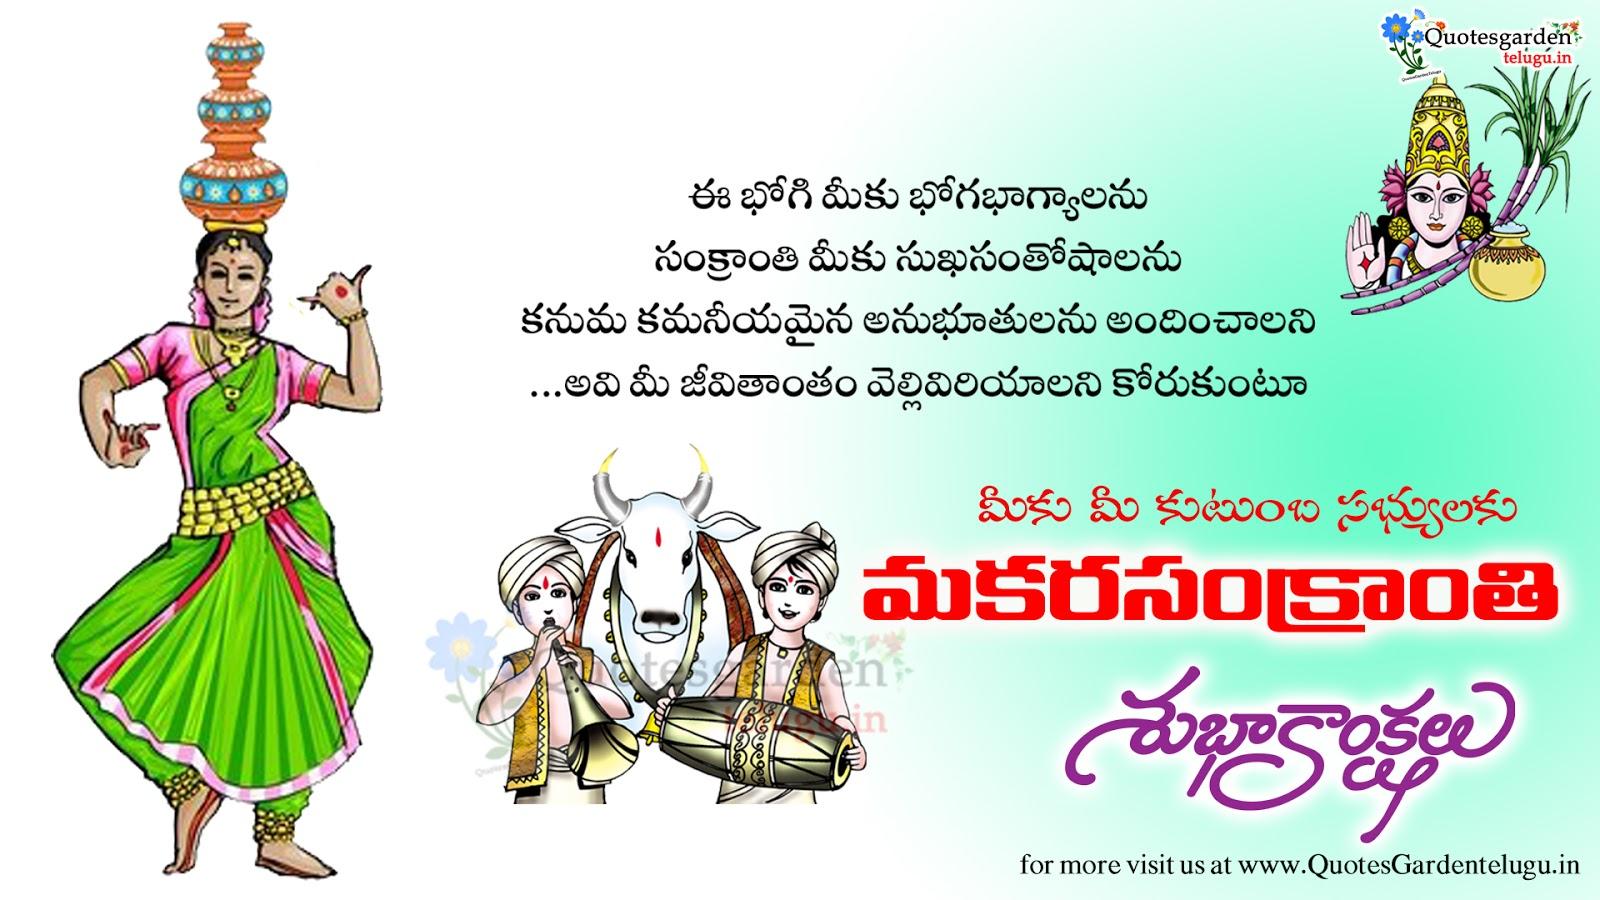 Makara Sankranthi Subhakankshalu 2021 Greetings Wishes Images And Sankranti Messages In Telugu